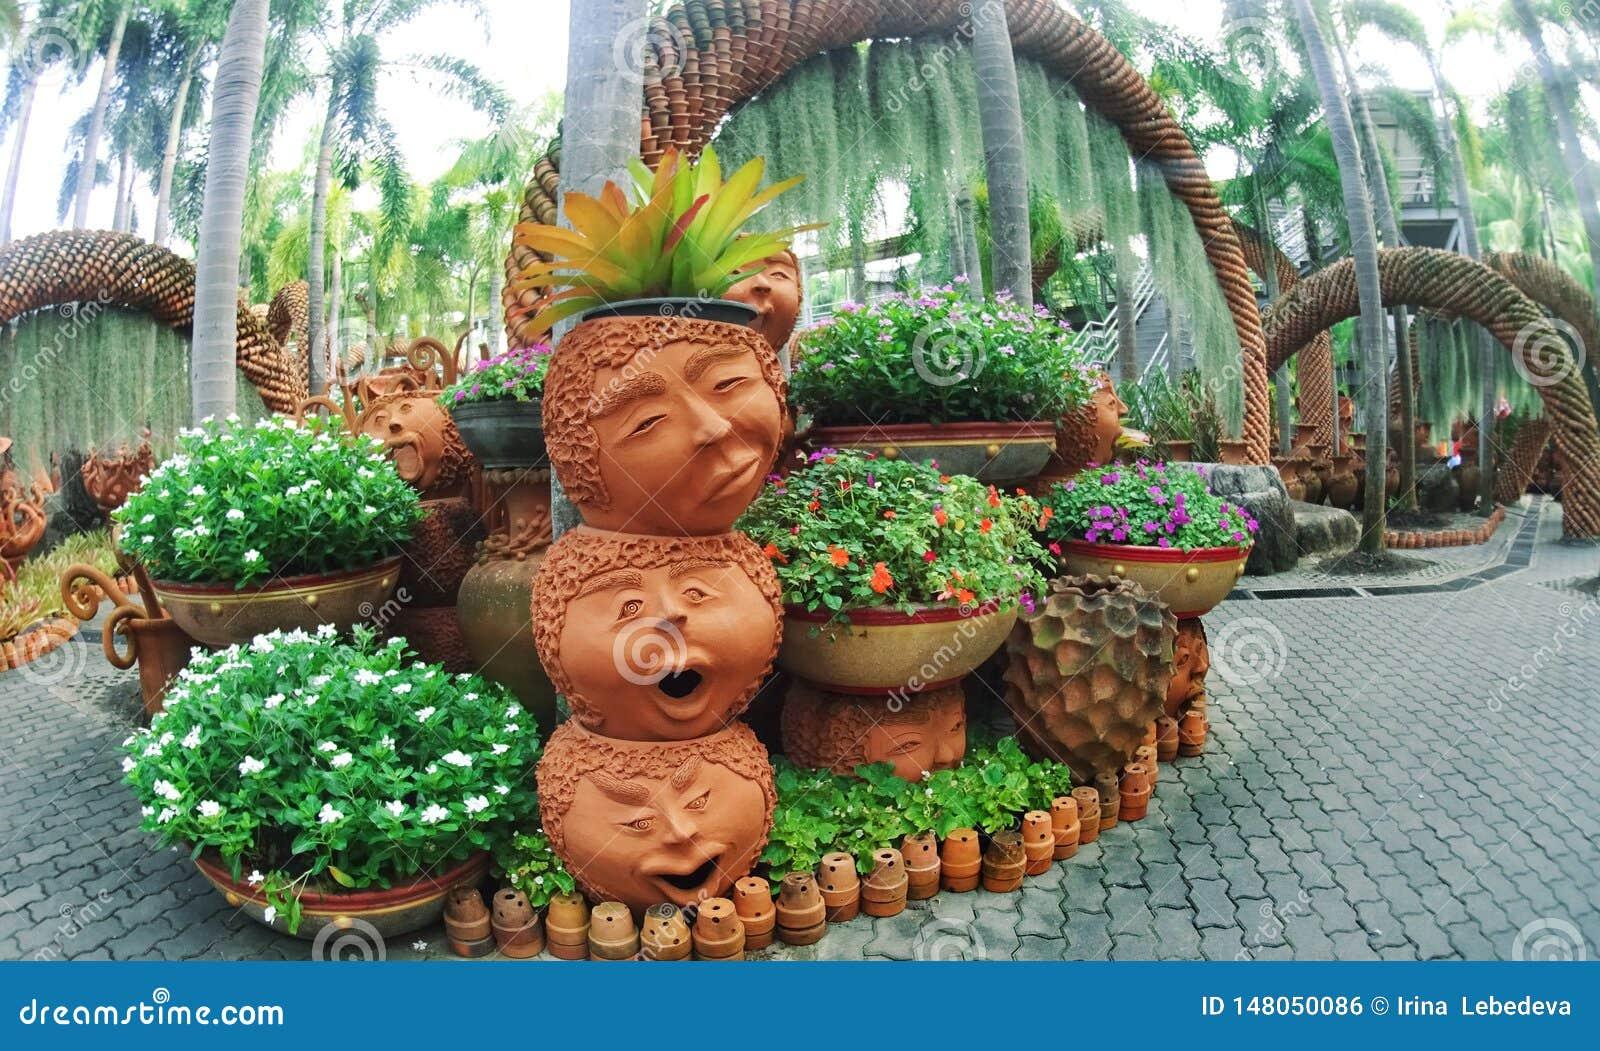 Nong Nooch park Pattaya z niezwykłym krajobrazowym projektem ceramiczni garnki w postaci śmiesznych twarzy i udziały greenery